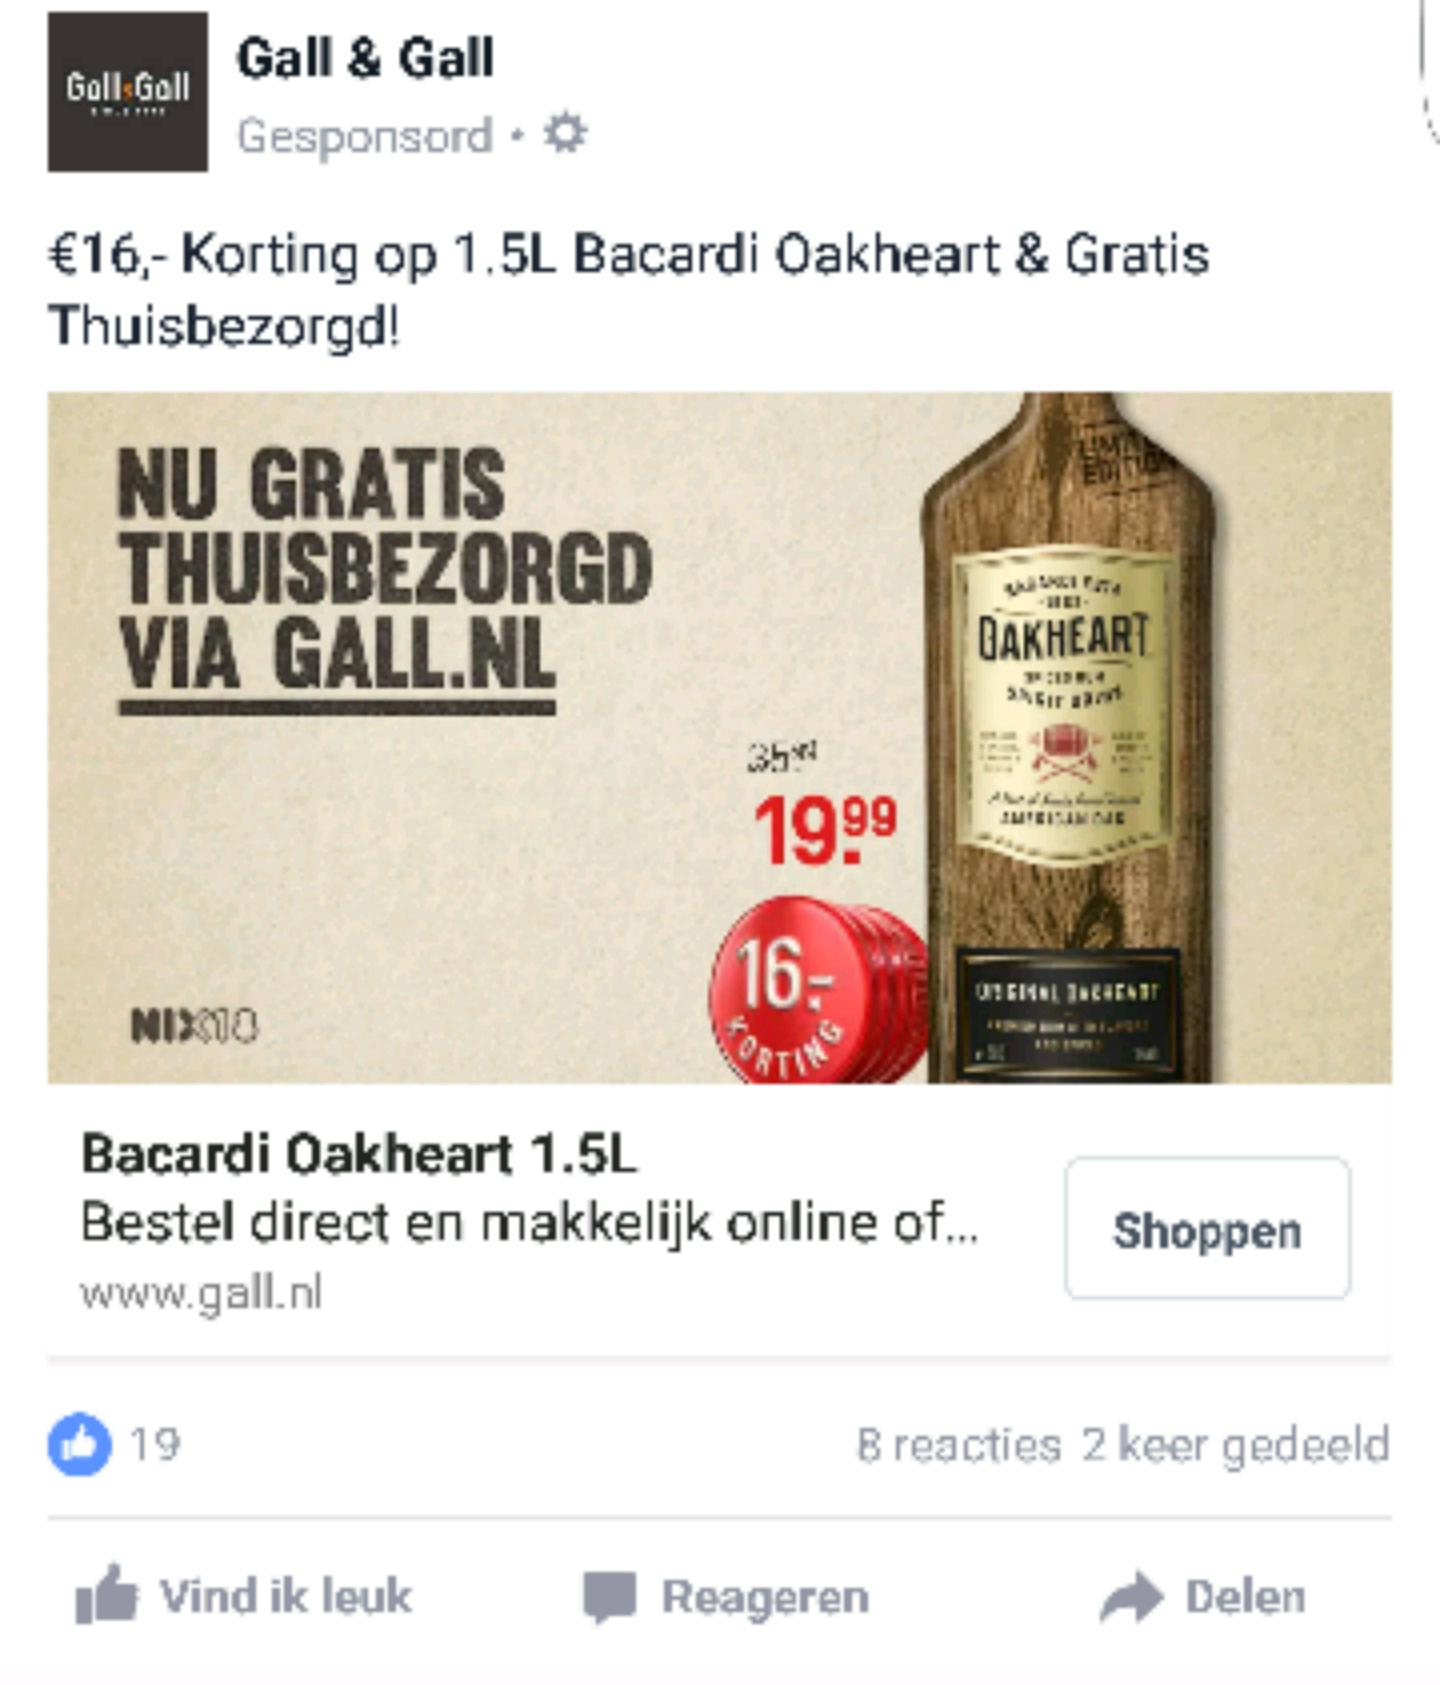 1.5 liter Bacardi Oakheart inclusief verzending voor 19.99 euro